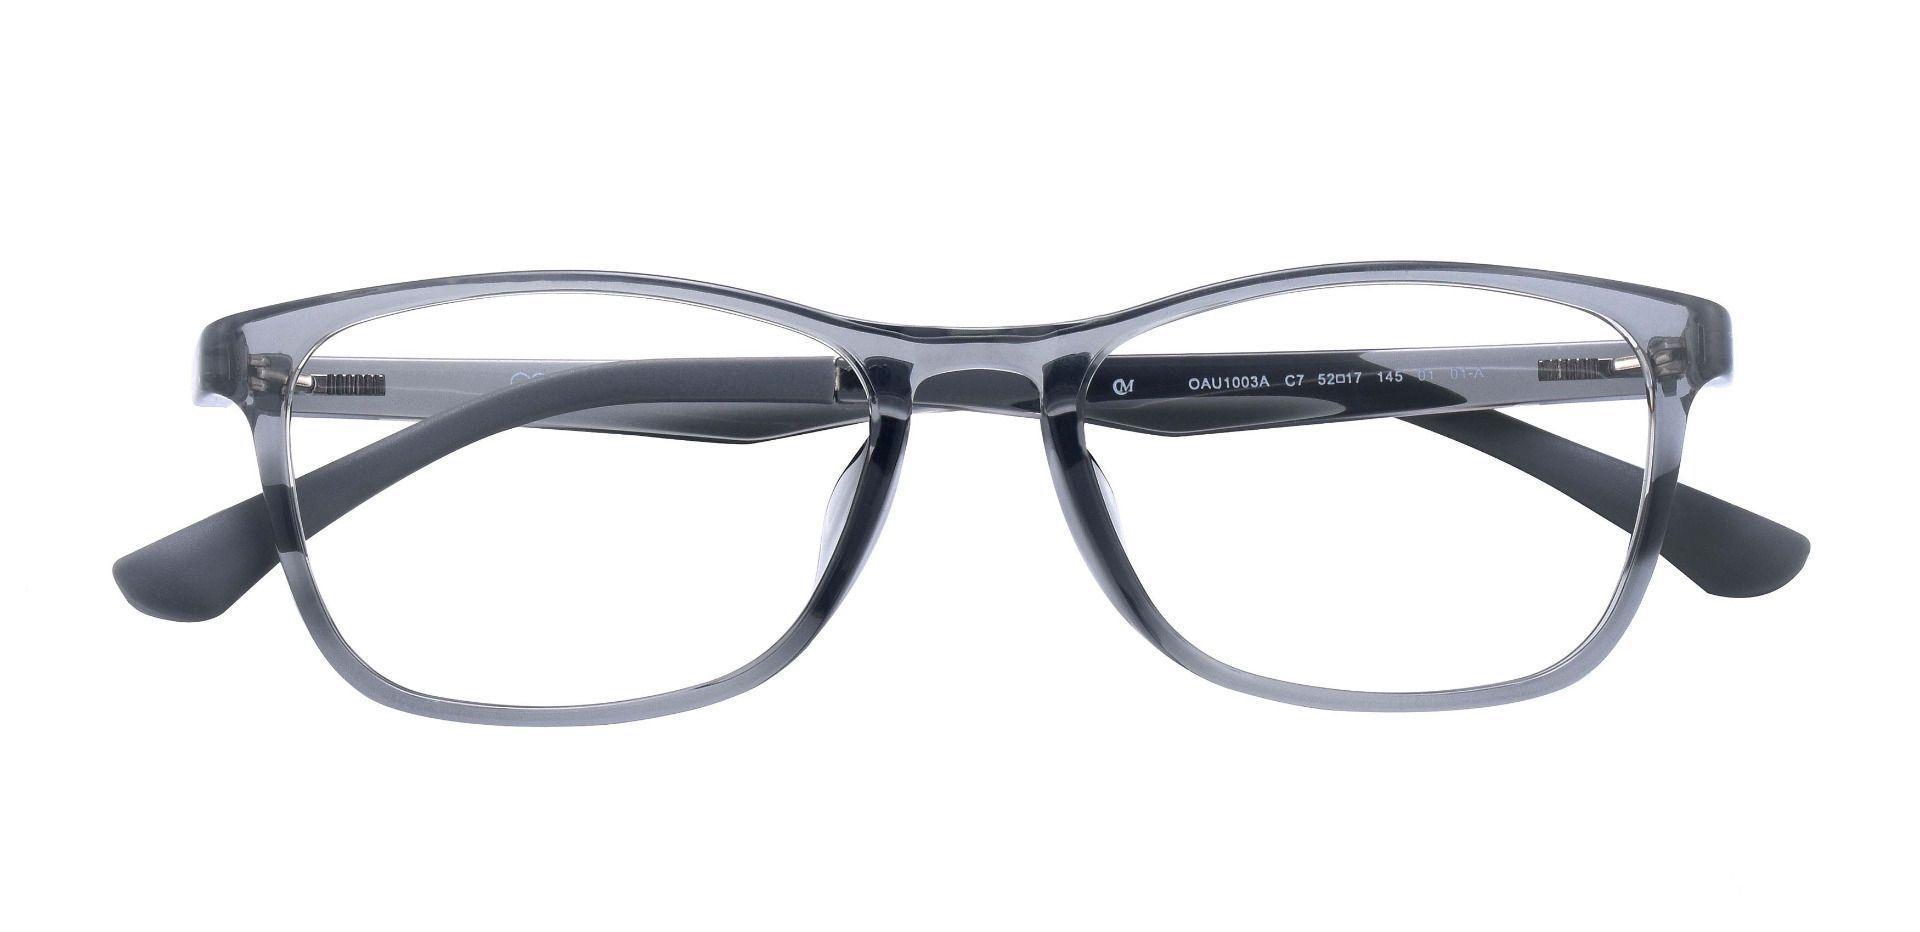 Merritt Rectangle Prescription Glasses - Gray